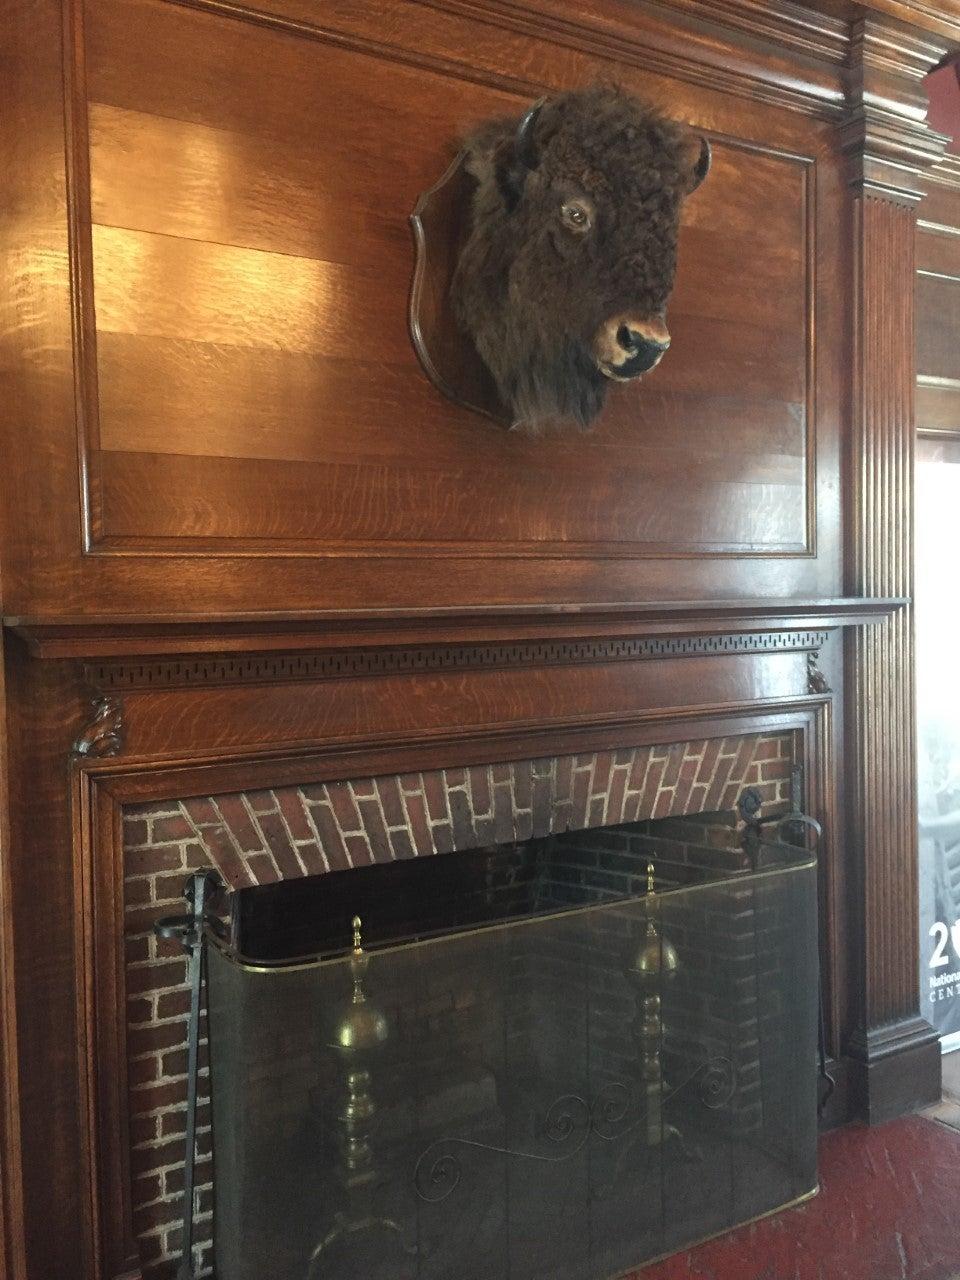 Mantle at Vanderbilt Mansion (Photo: Brian Heyman, News 12)